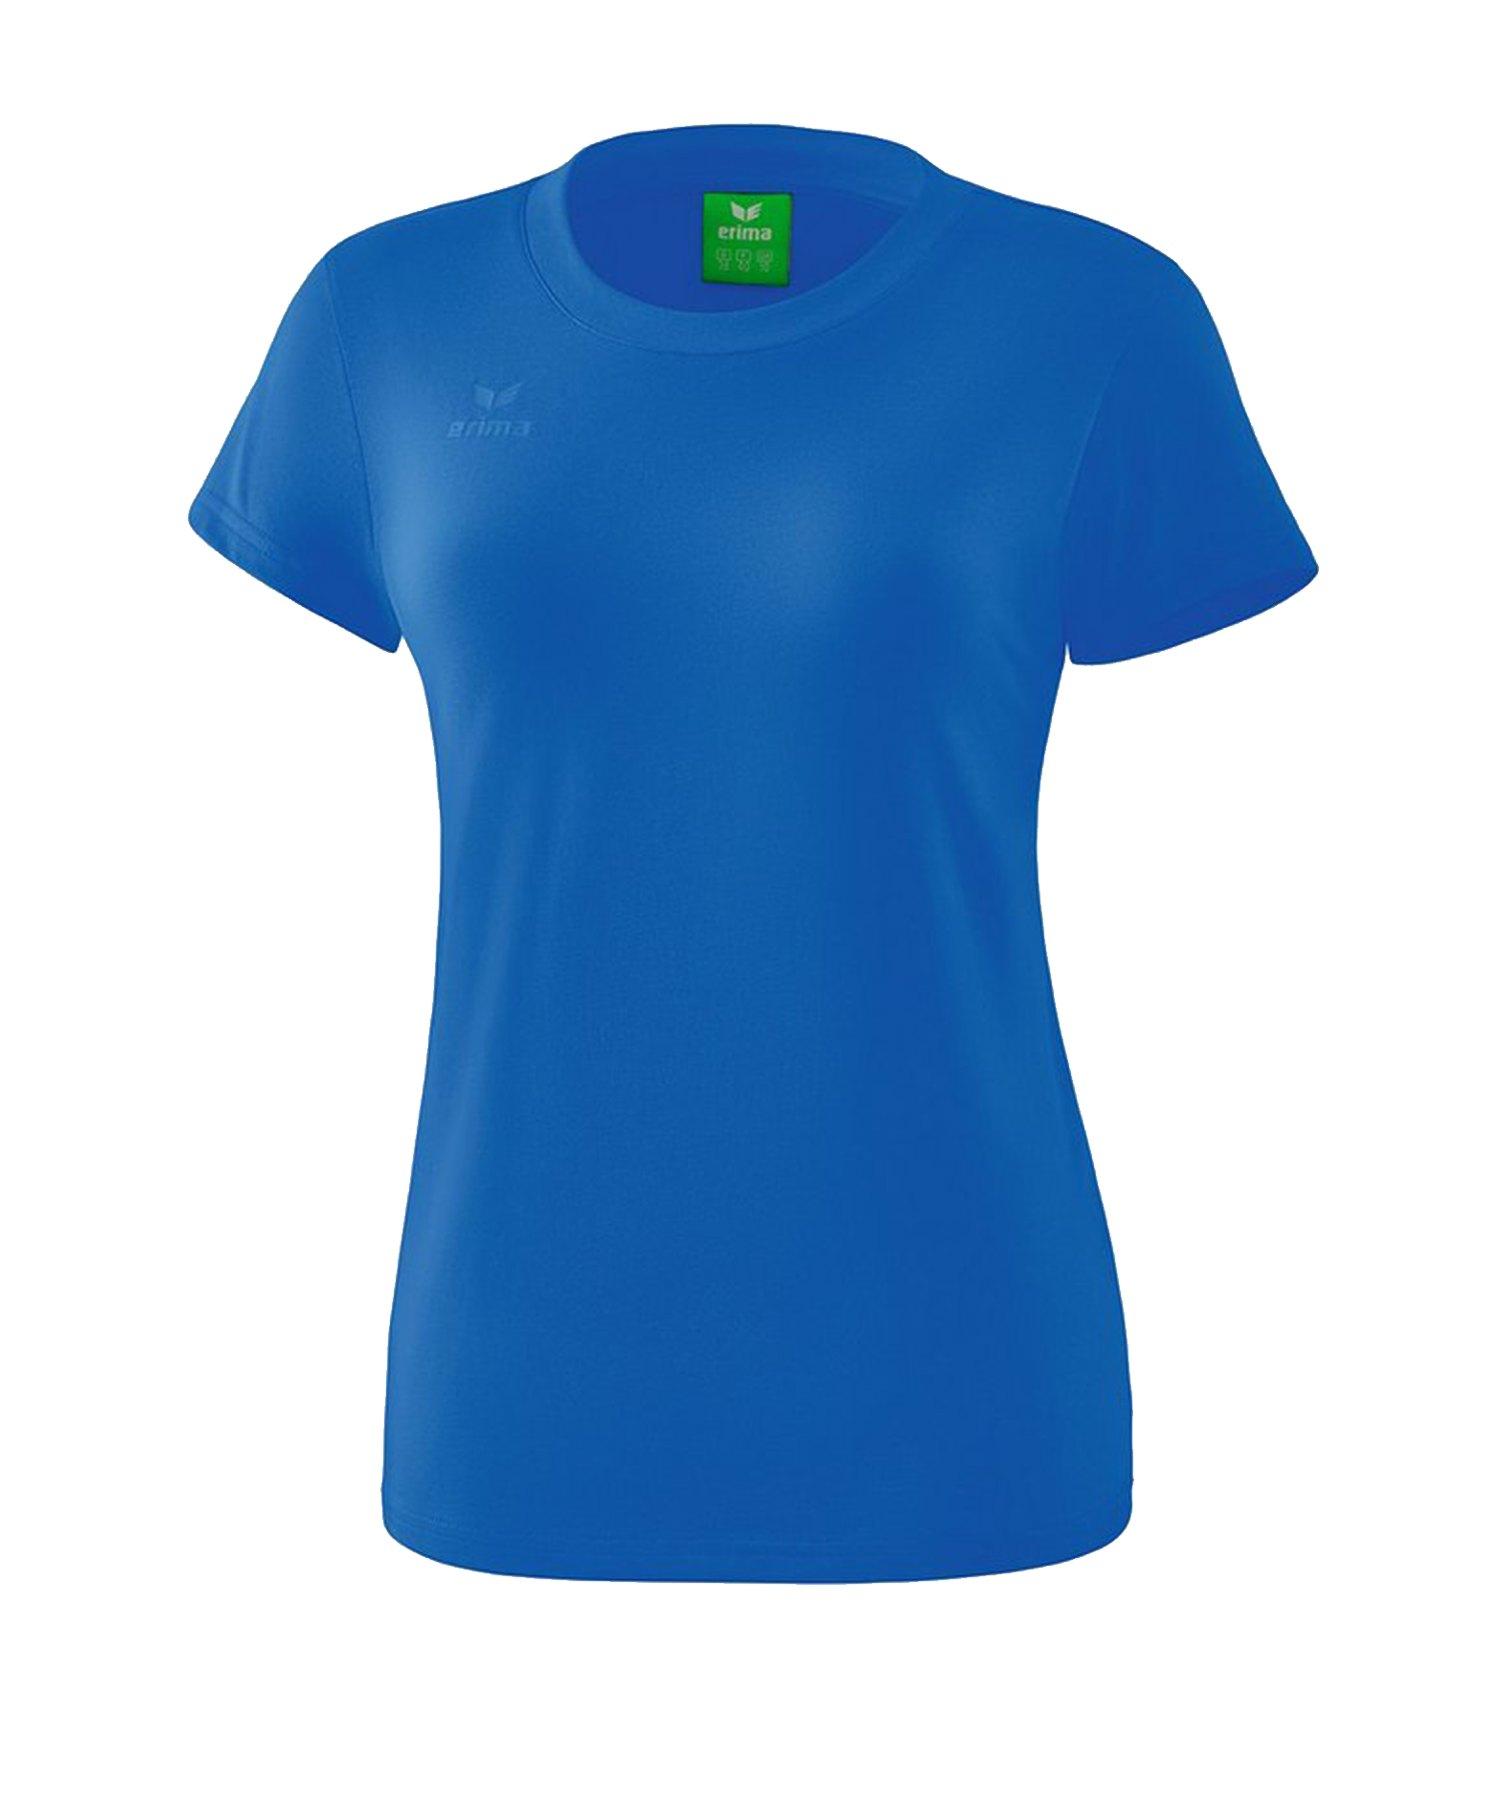 Erima Style T-Shirt Damen Blau - Blau